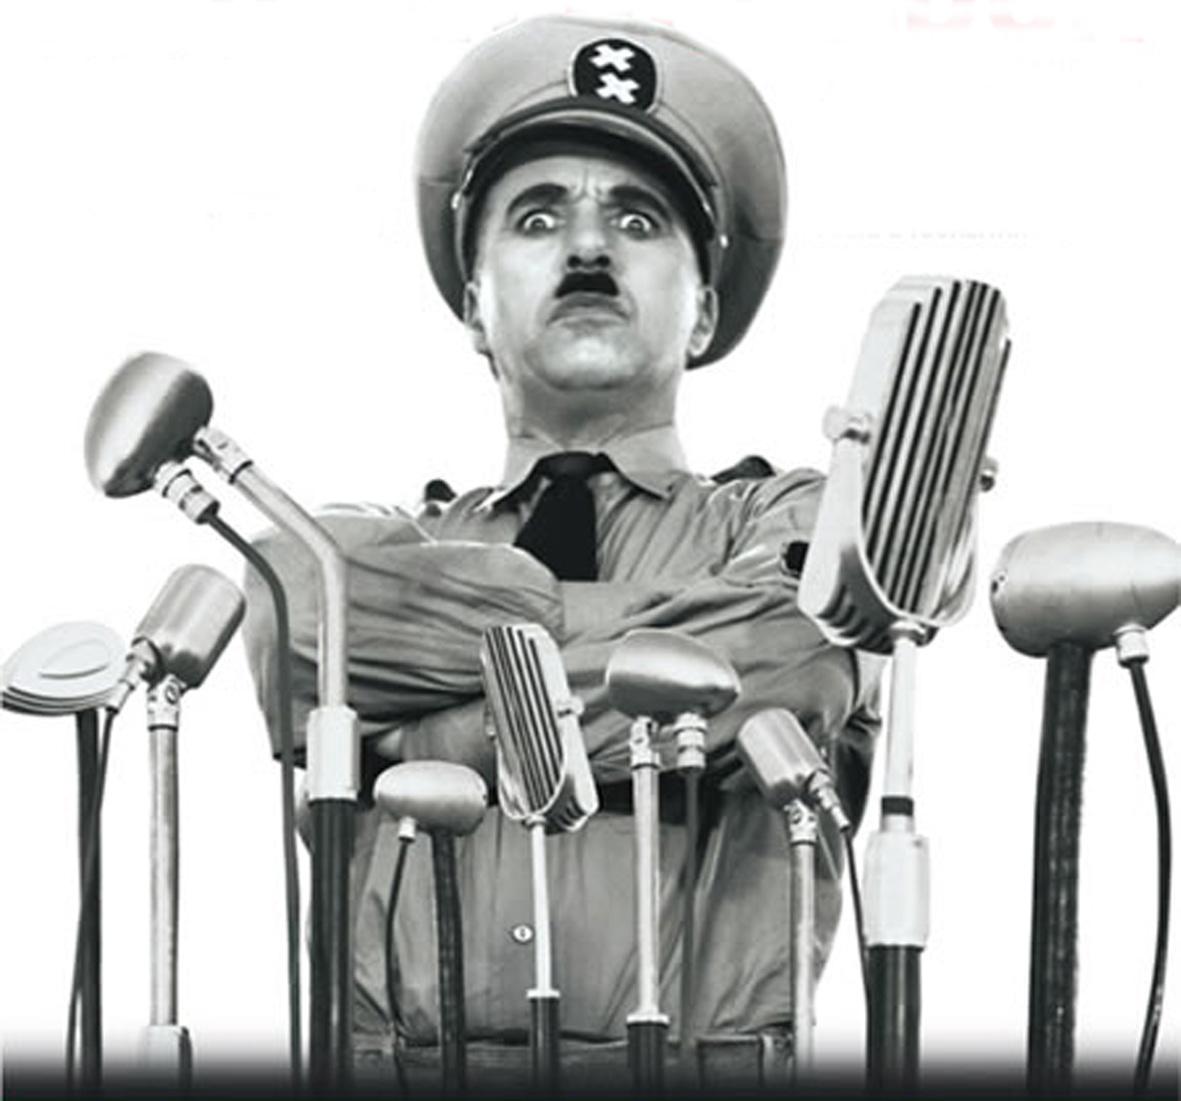 Cine y política: una indagación numérica